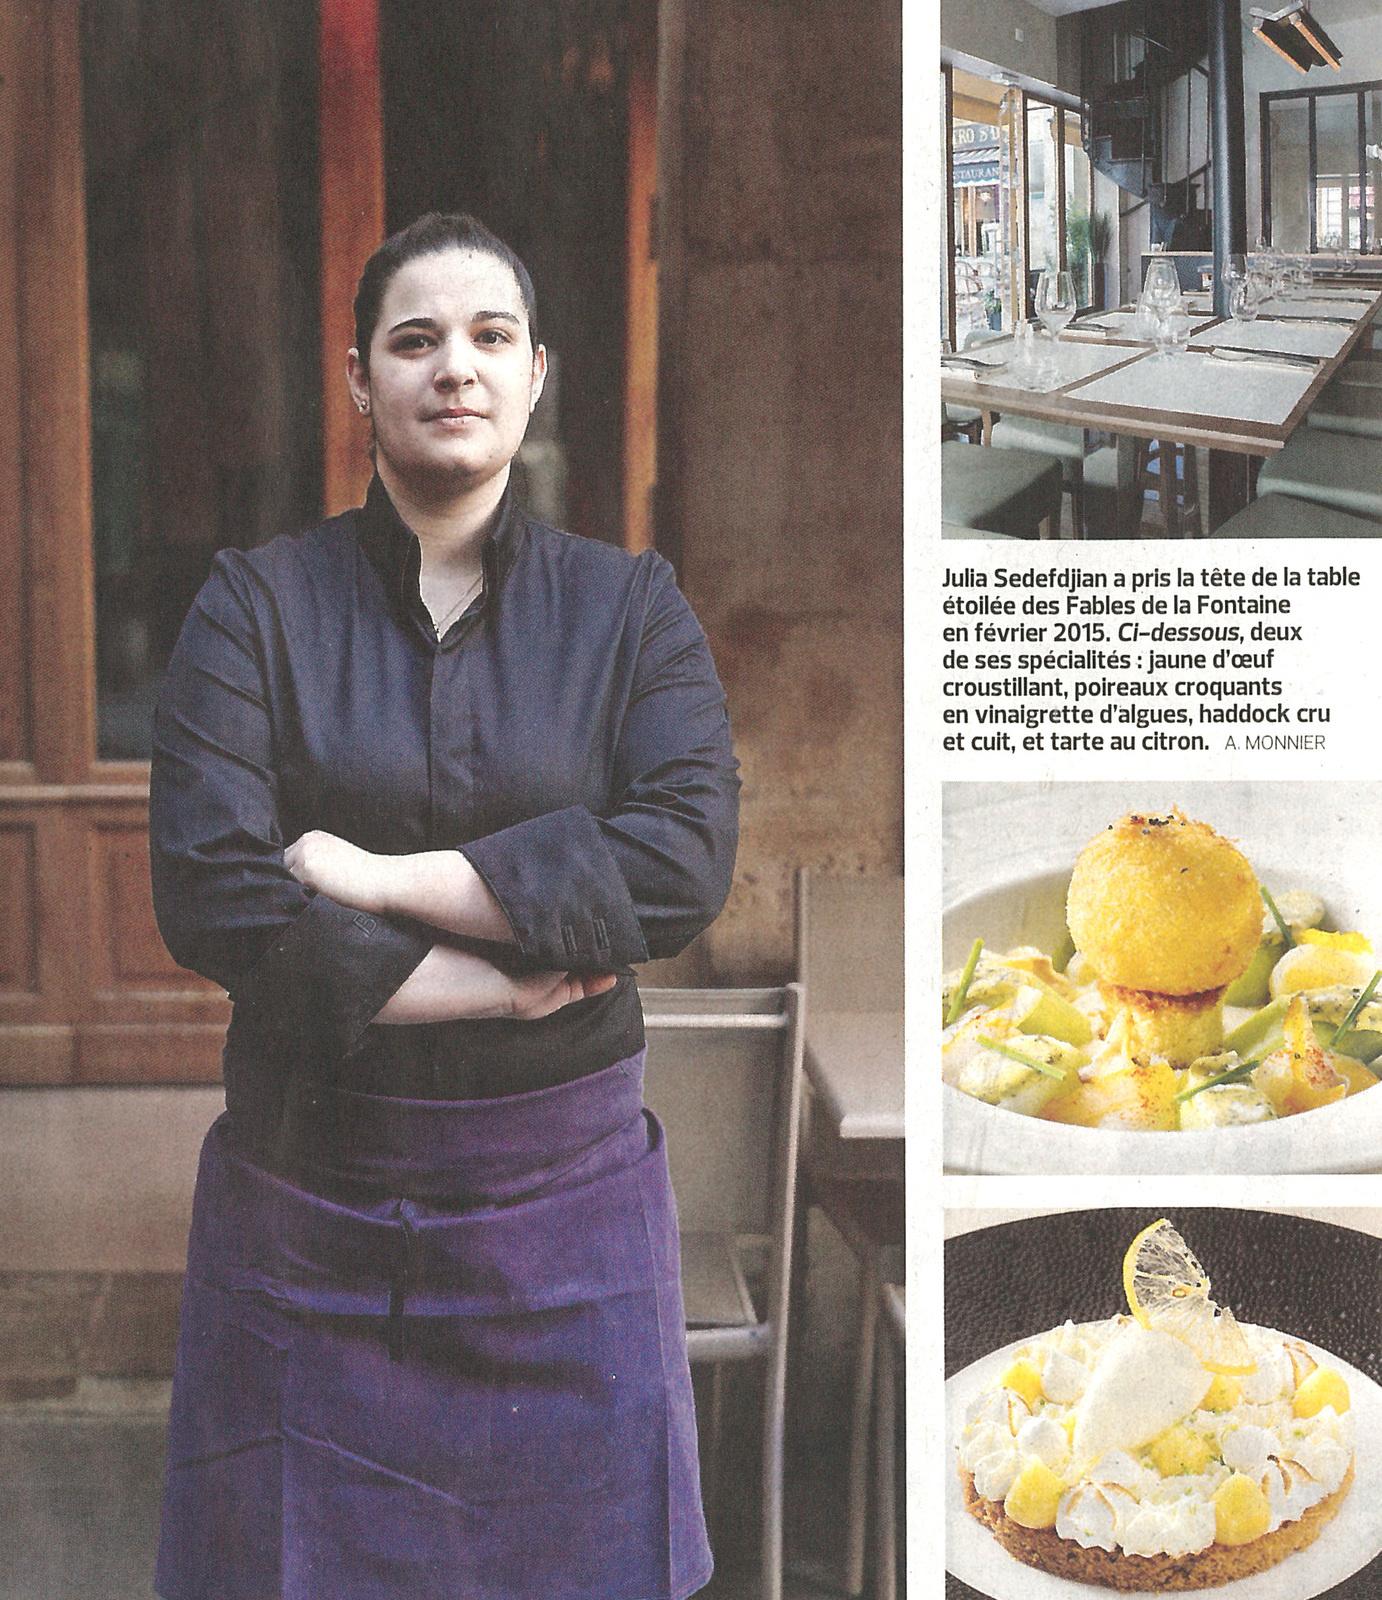 Vu dans Le Figaro : La spécialité de la jeune chef Julia Sedefdjian au restaurant Les Fables de la Fontaine - Paris